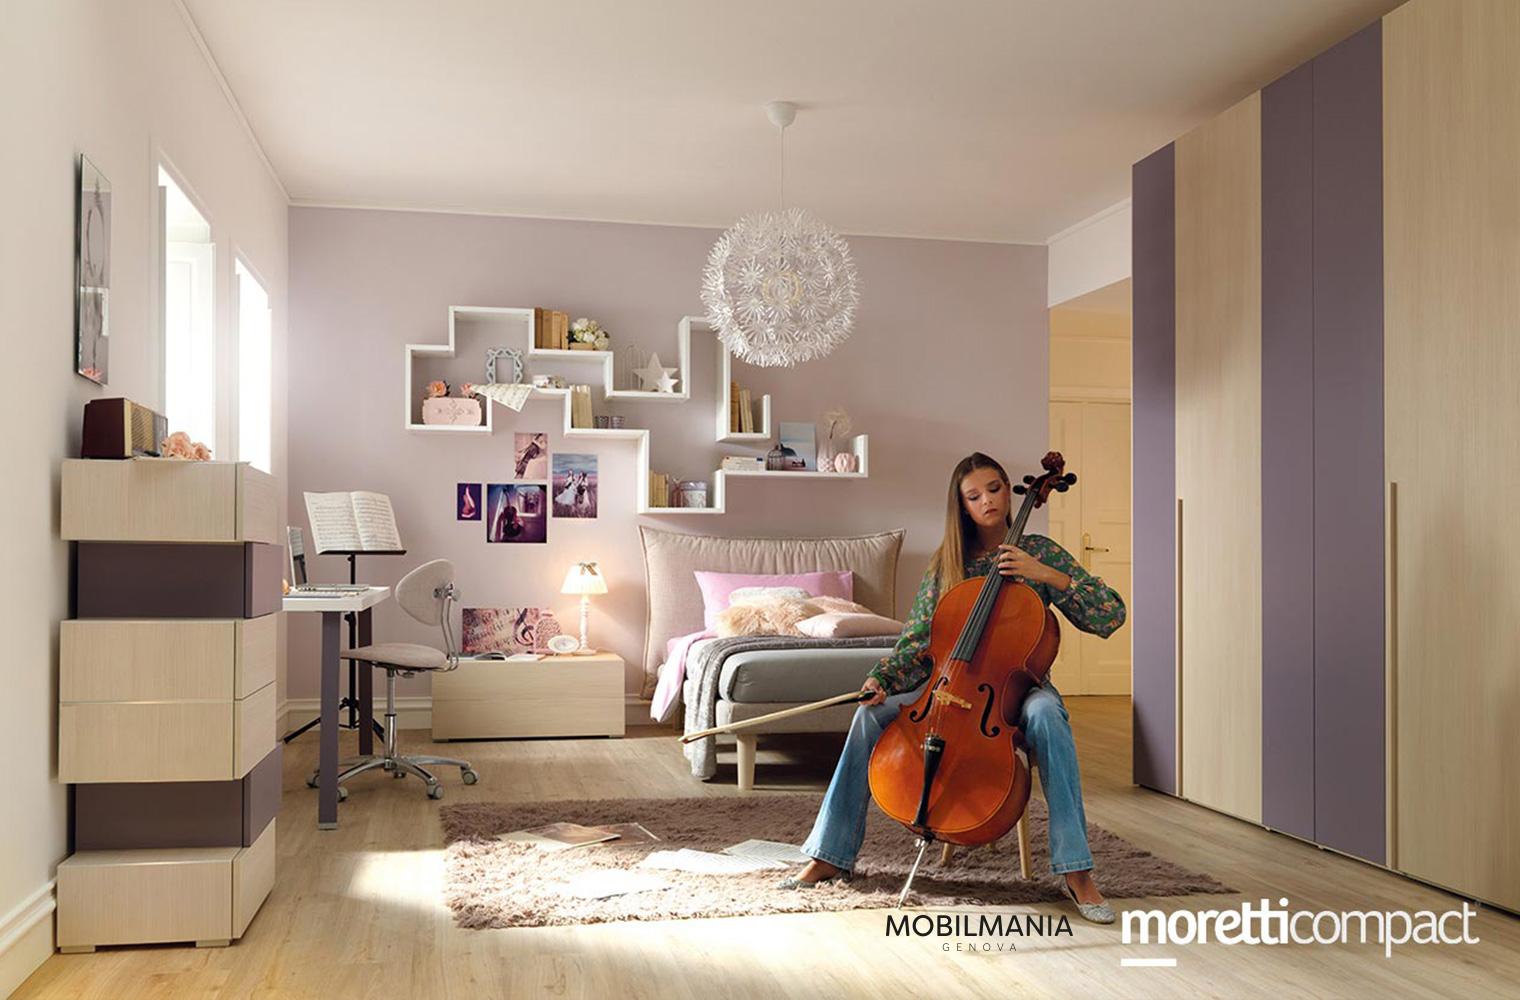 Mobilmania - Camerette Moretti Compact Genova